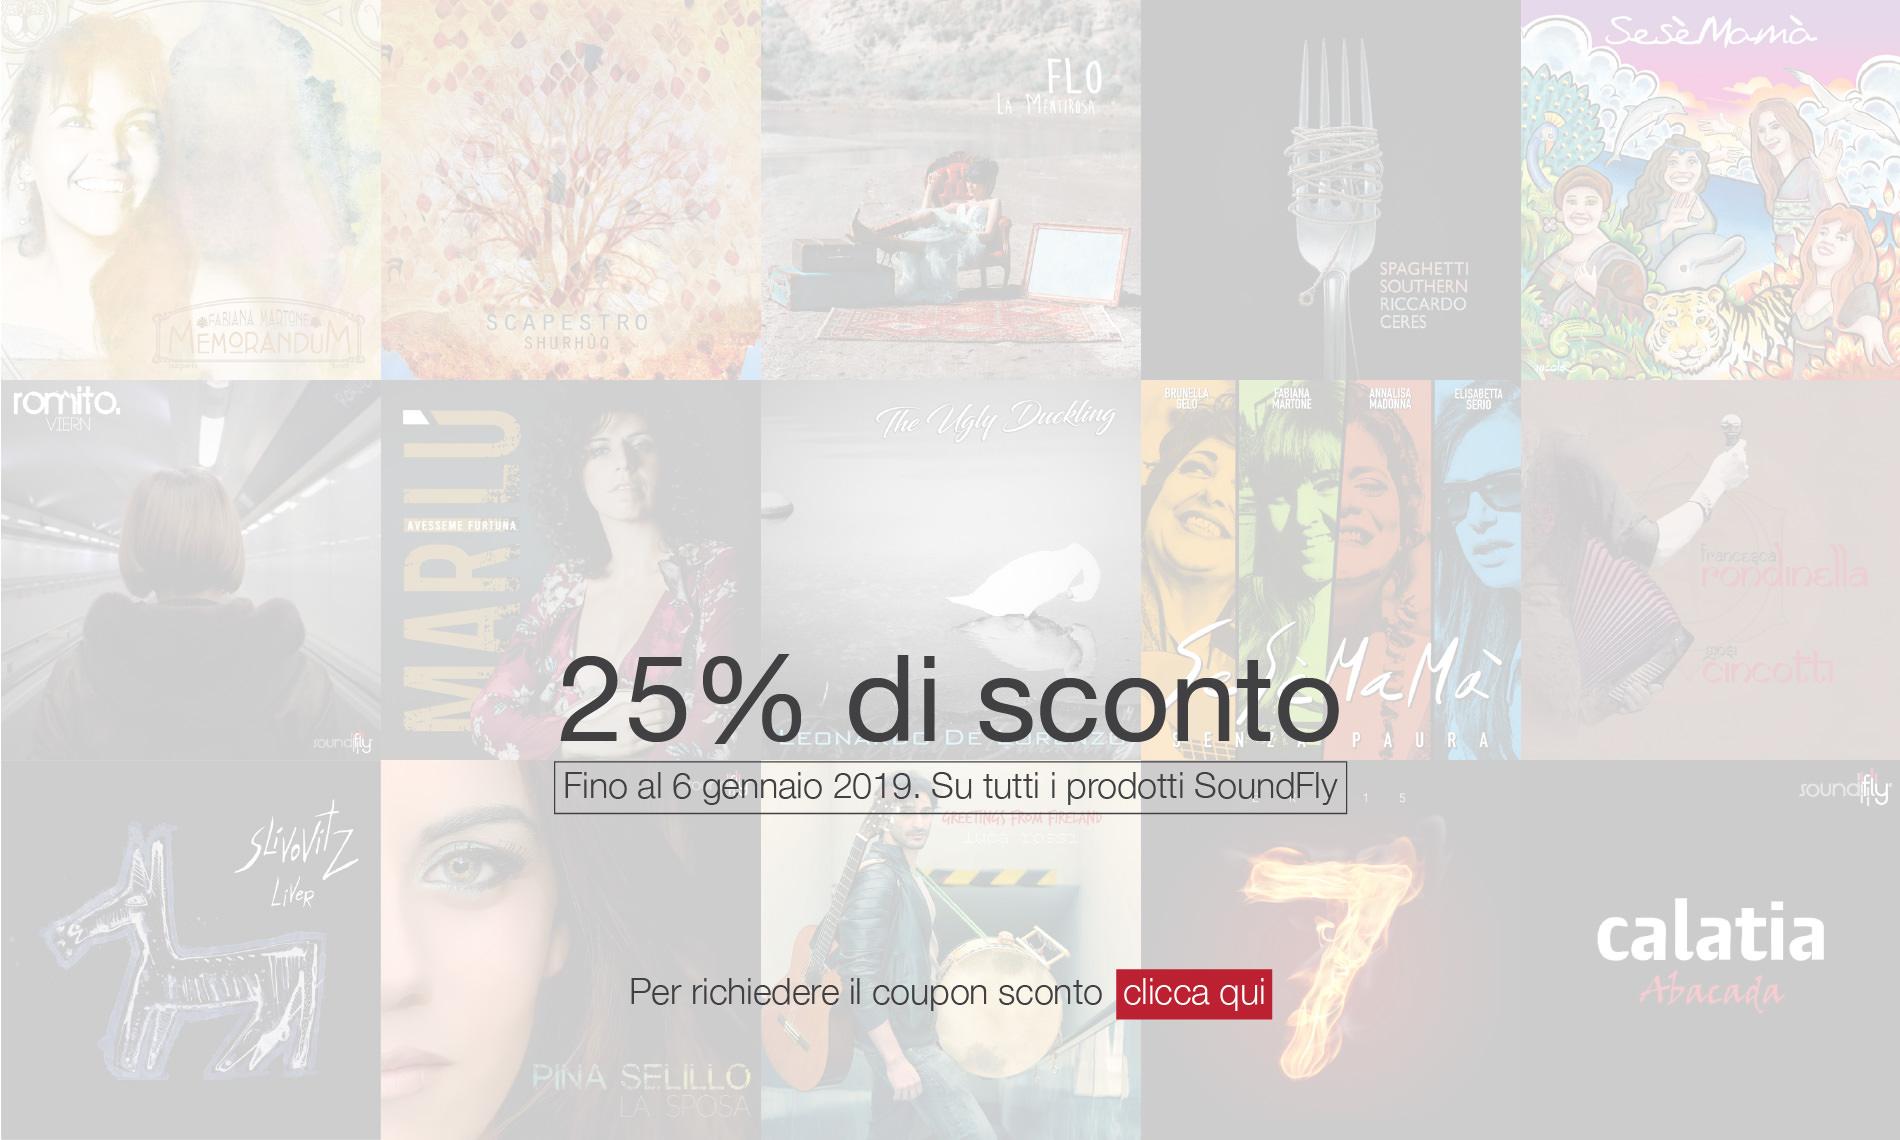 SoundFly - Sconto 25% Natale 2018